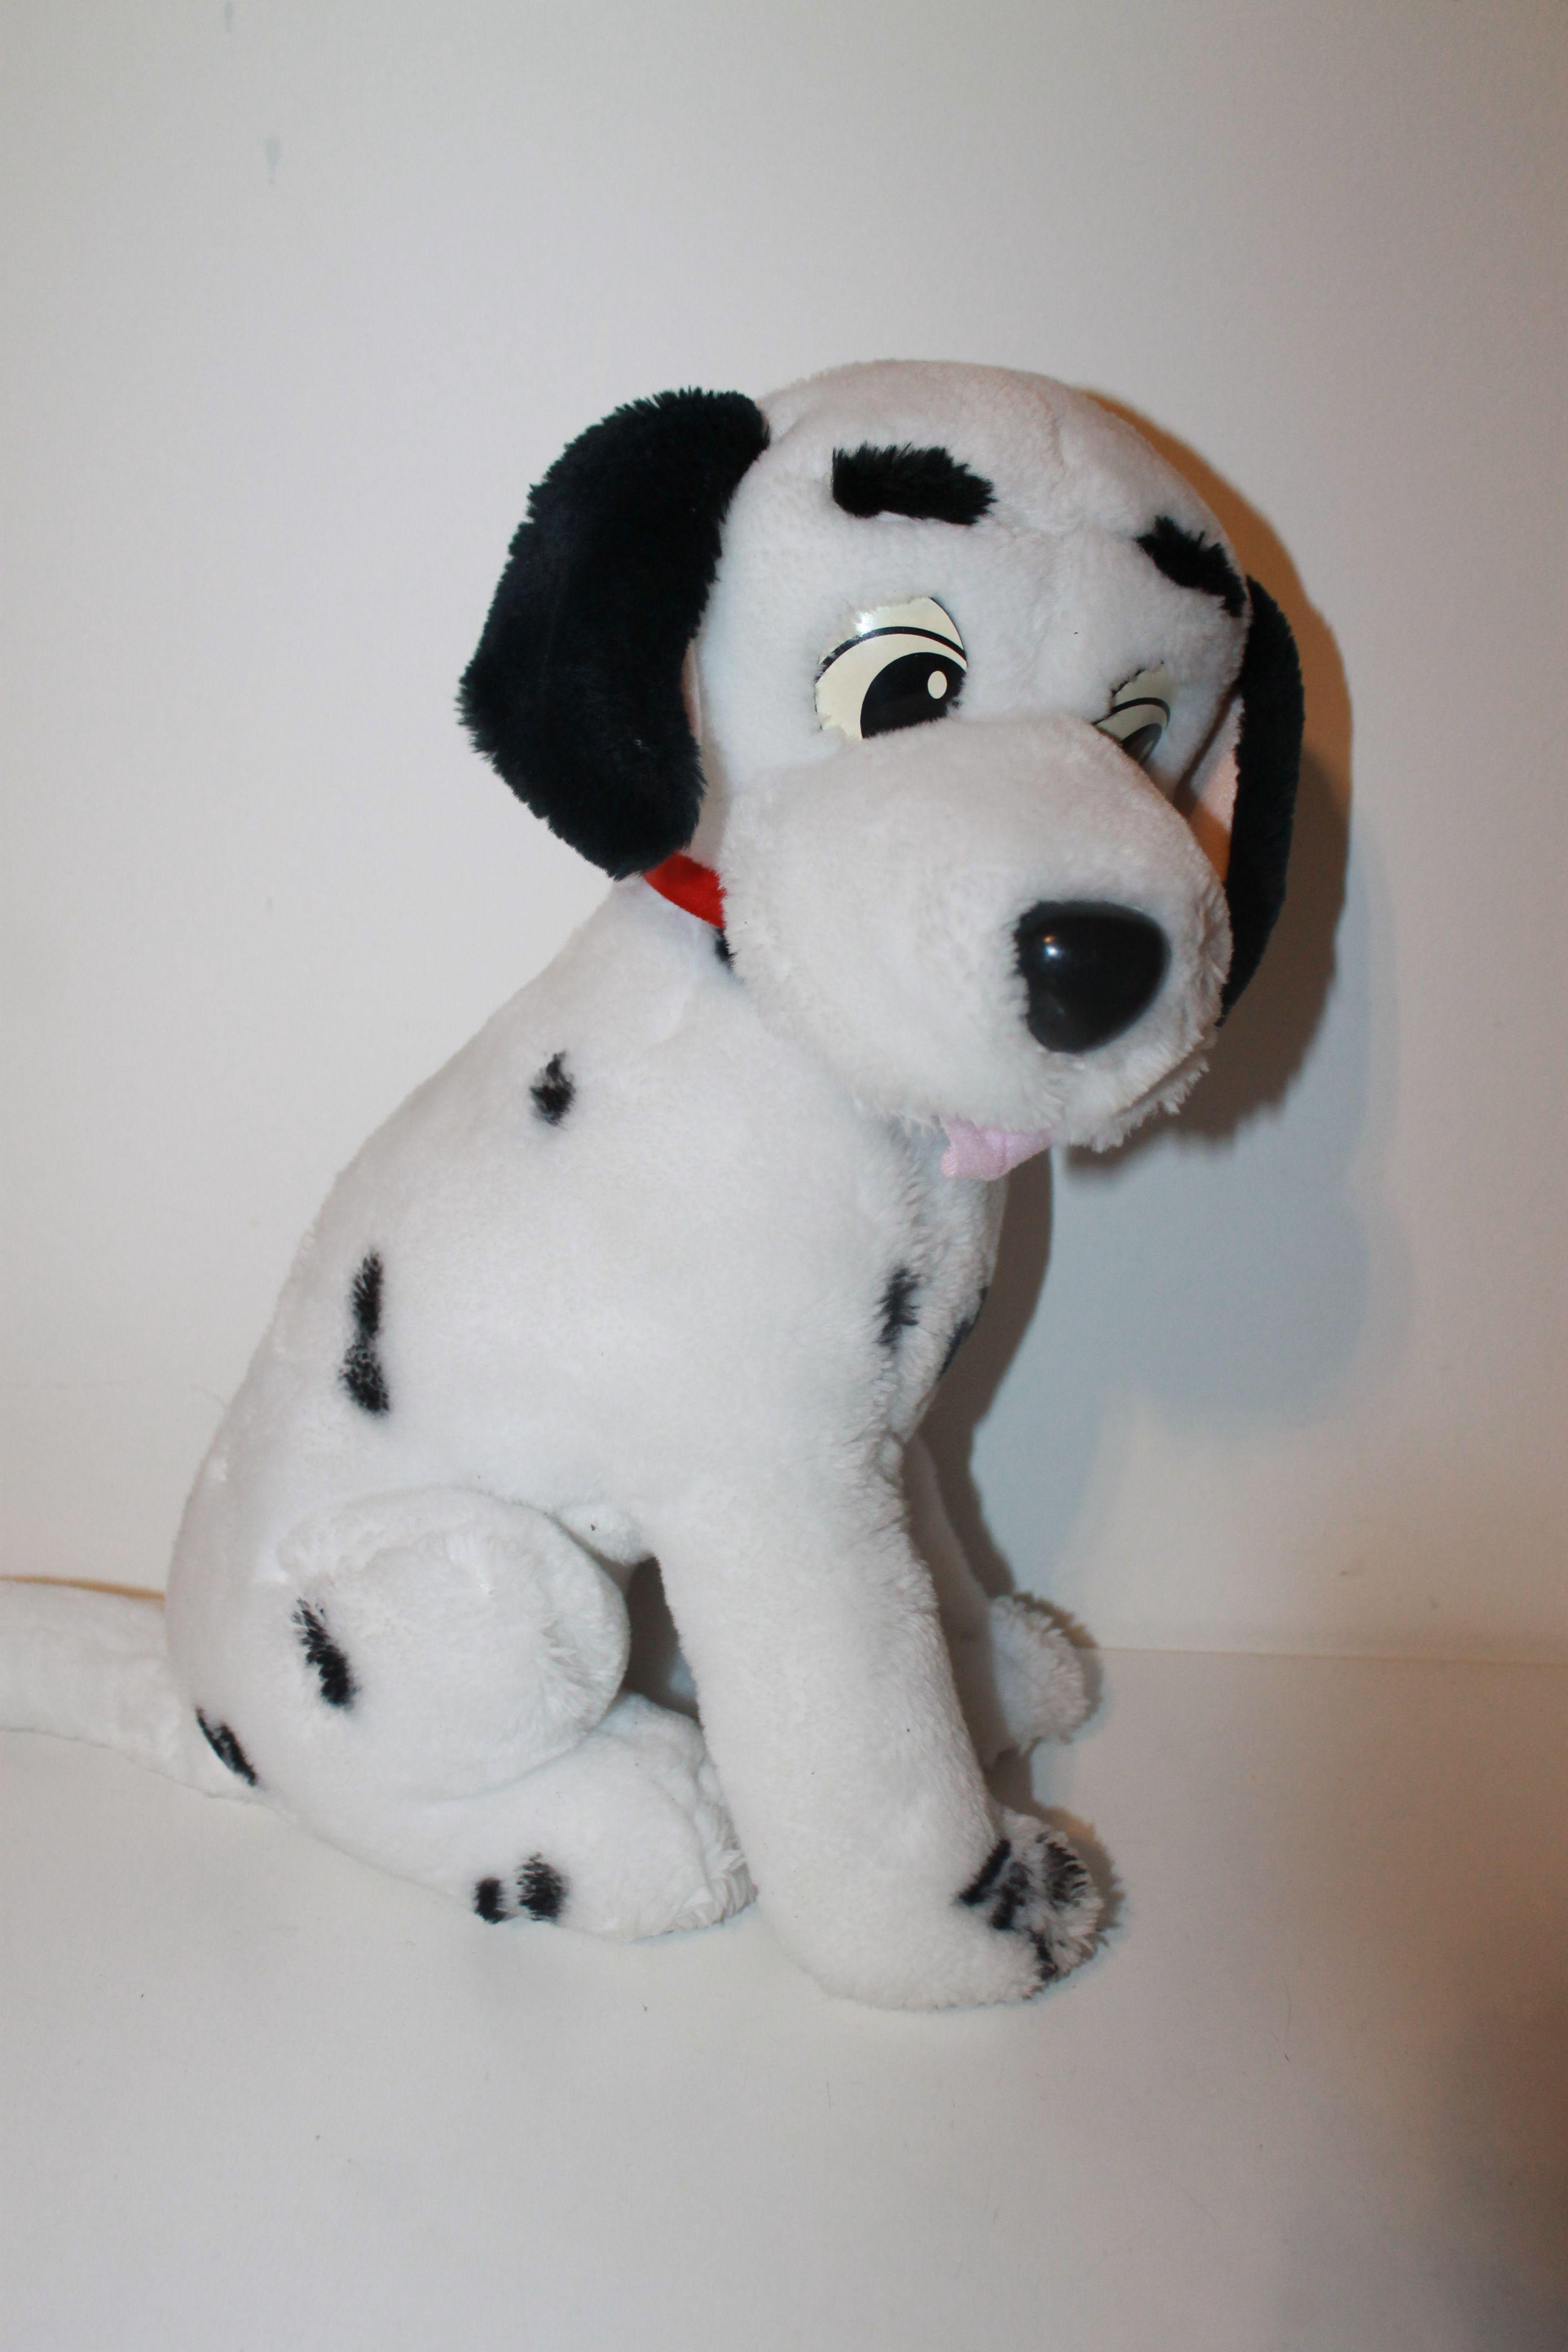 Mattel Pongo 101 Dalmatians 101 Dalmatiner Disney Stofftier Plush Toy Vintage Snoopy Plush Retro Disney Disney Plush